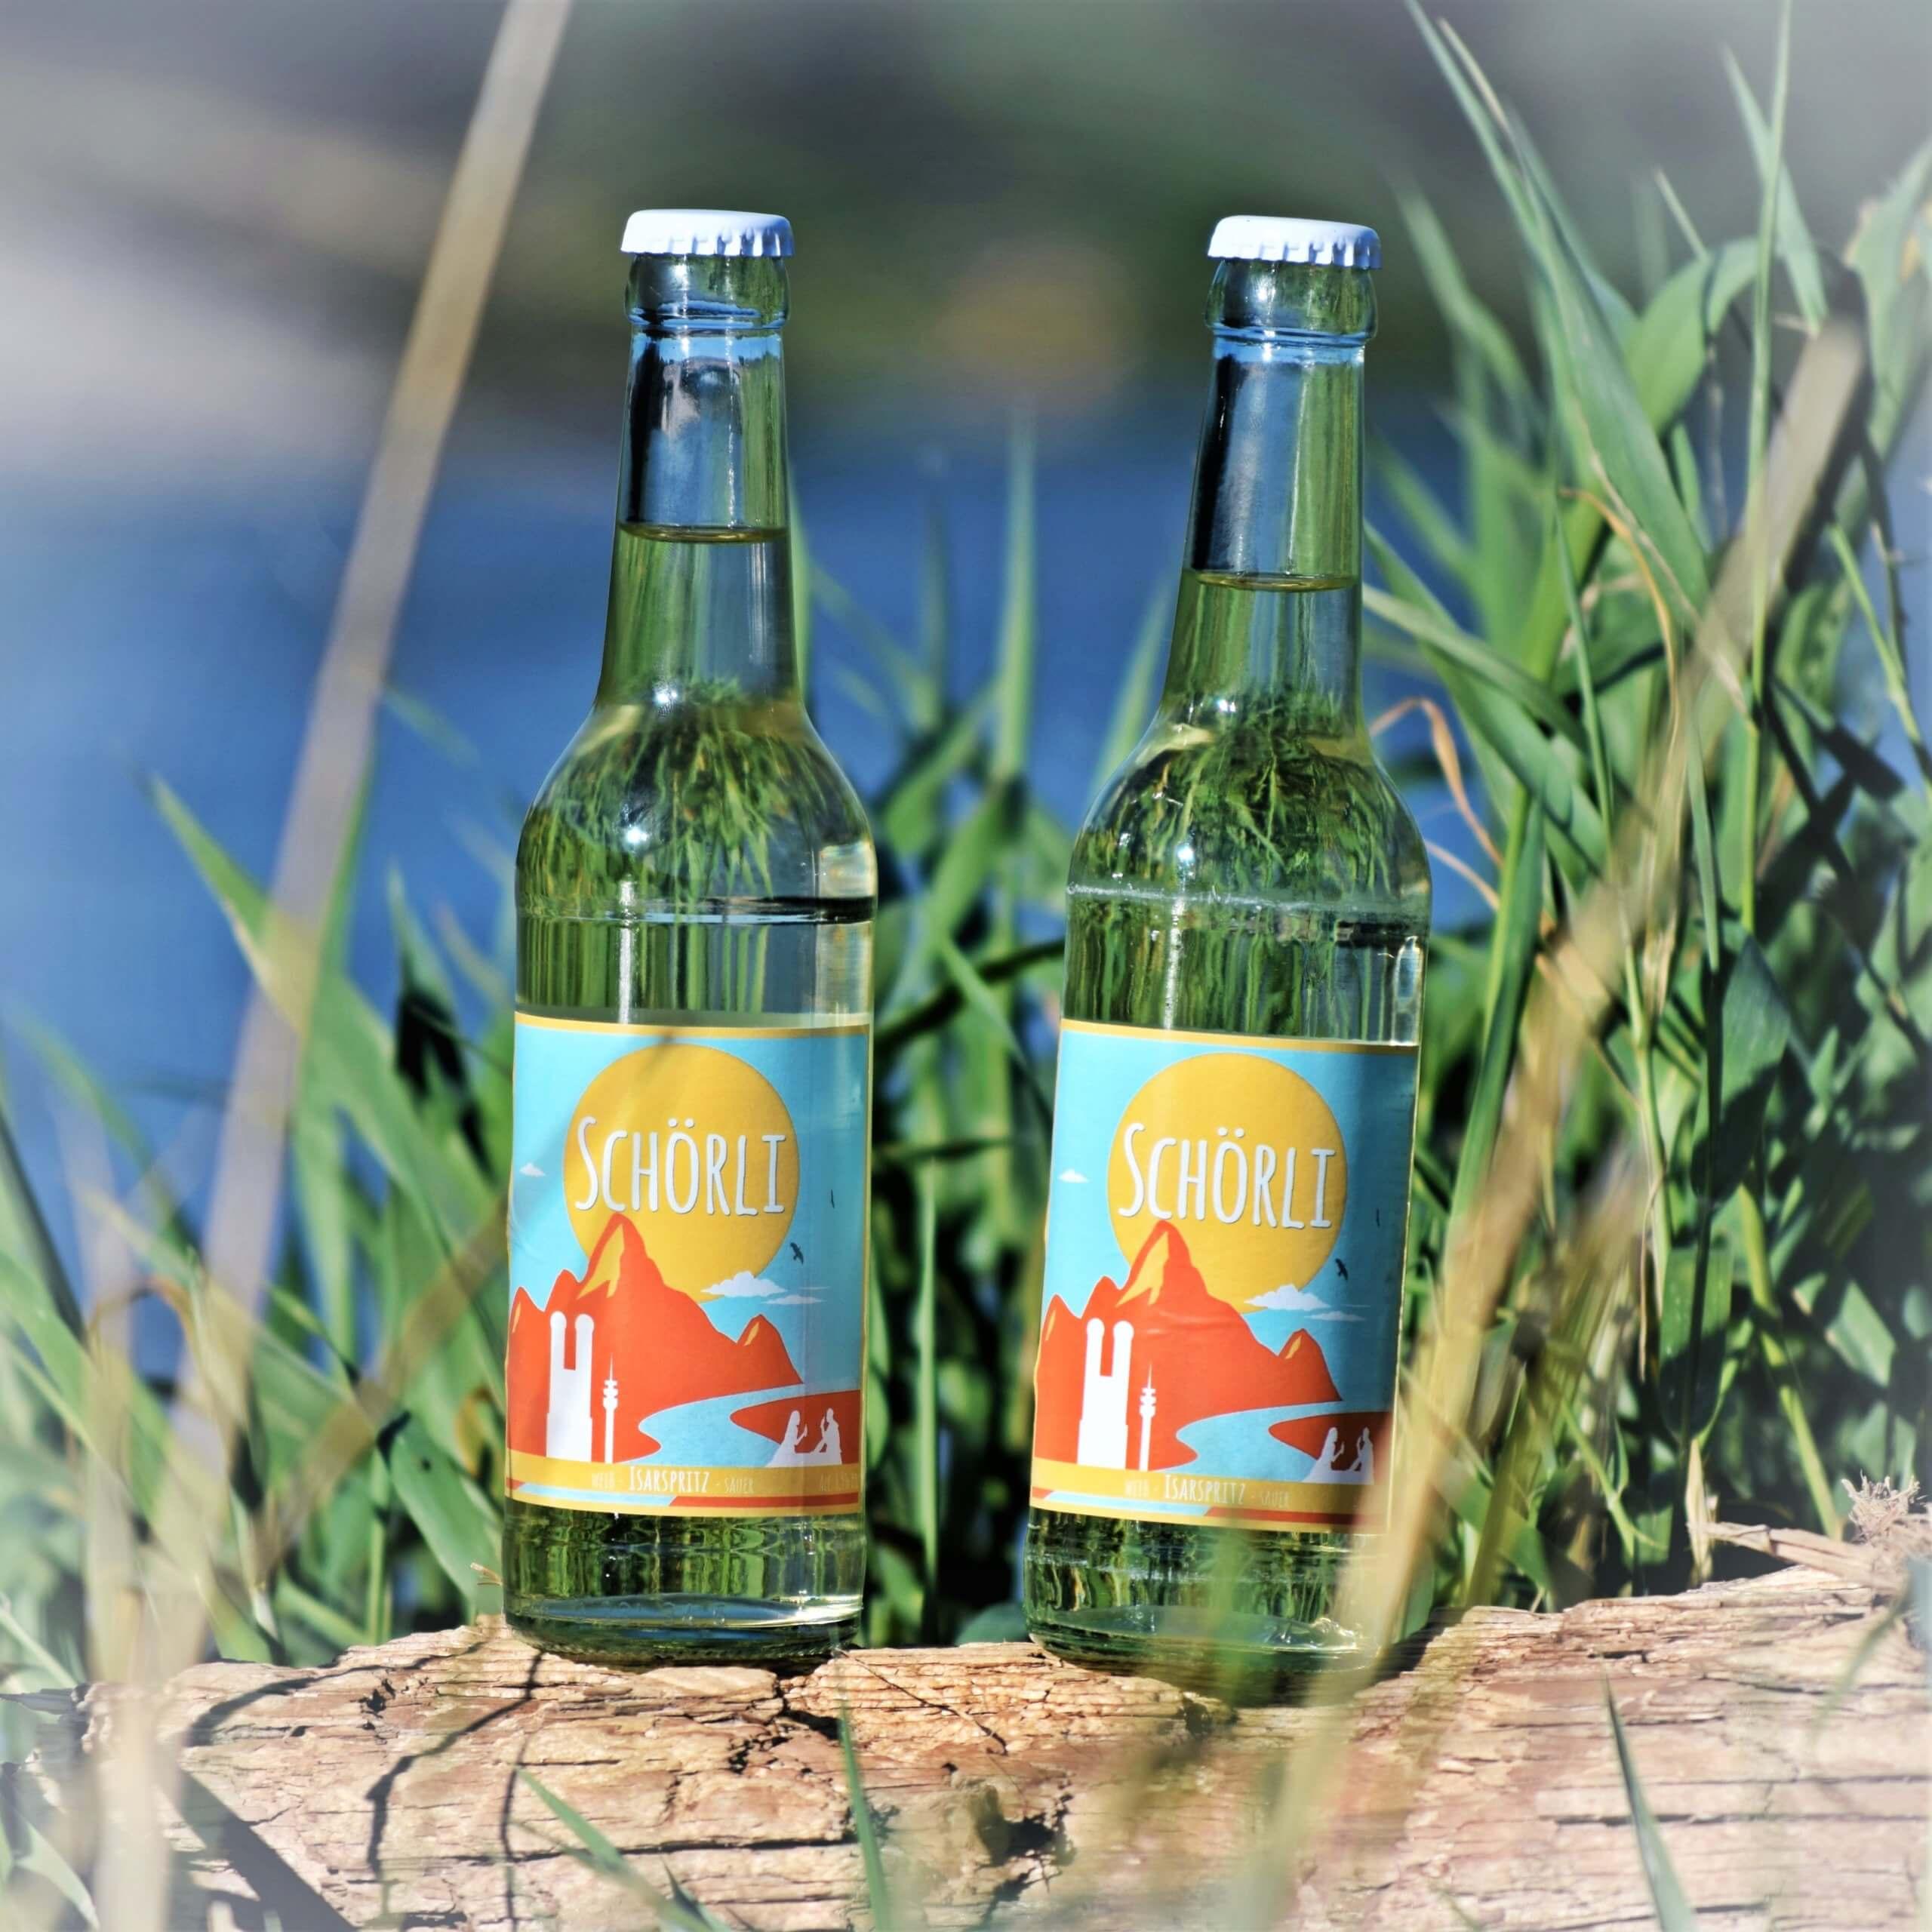 Weinschorle in der Flasche | ein Schörli Isarspritz auf karriertem Hintergrund